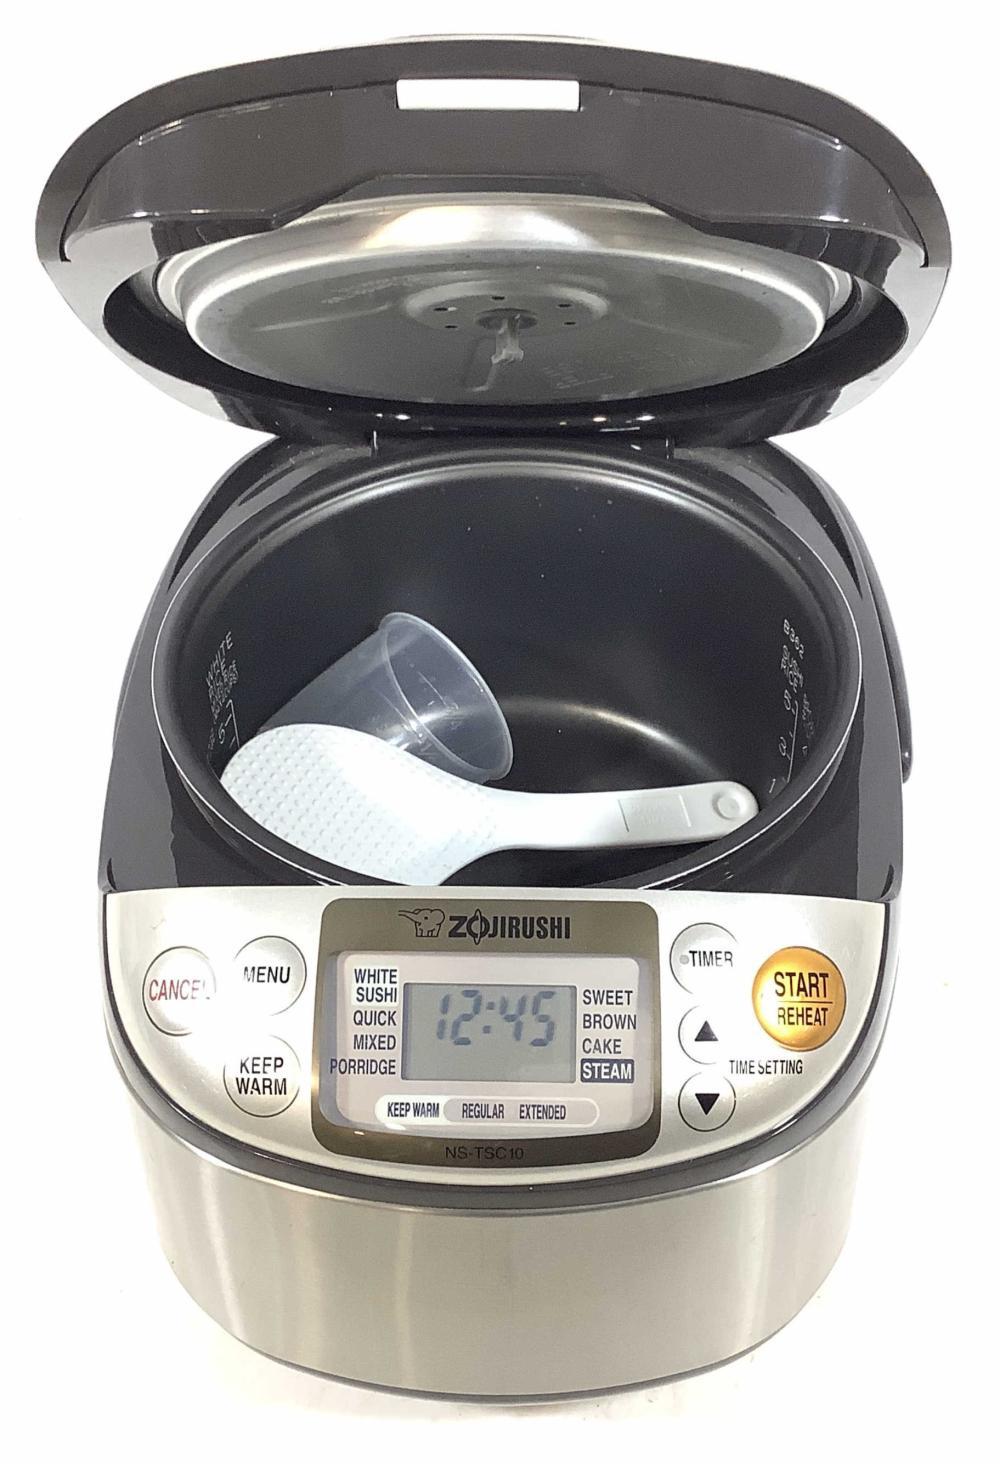 Zojirushi Micom Rice Cooker & Warmer